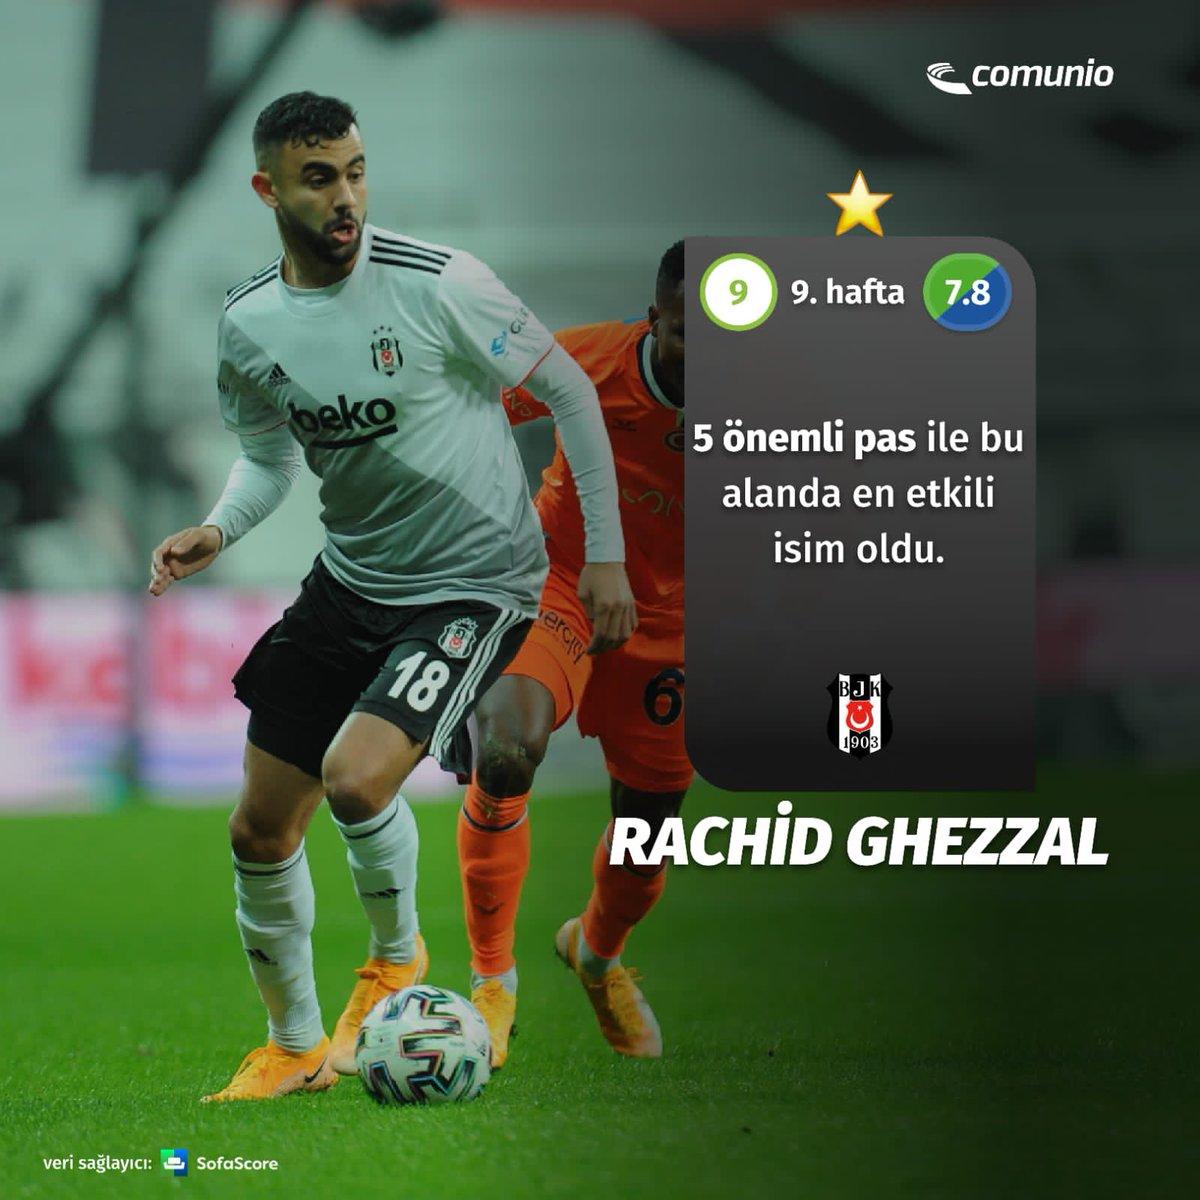 """Beşiktaş'ın yıldız futbolcusu Rachid Ghezzal attığı """"5 kilit pas"""" ile haftanın bu alanda en başarılı ismi oldu. @Besiktas https://t.co/4noGtQ2hBJ"""